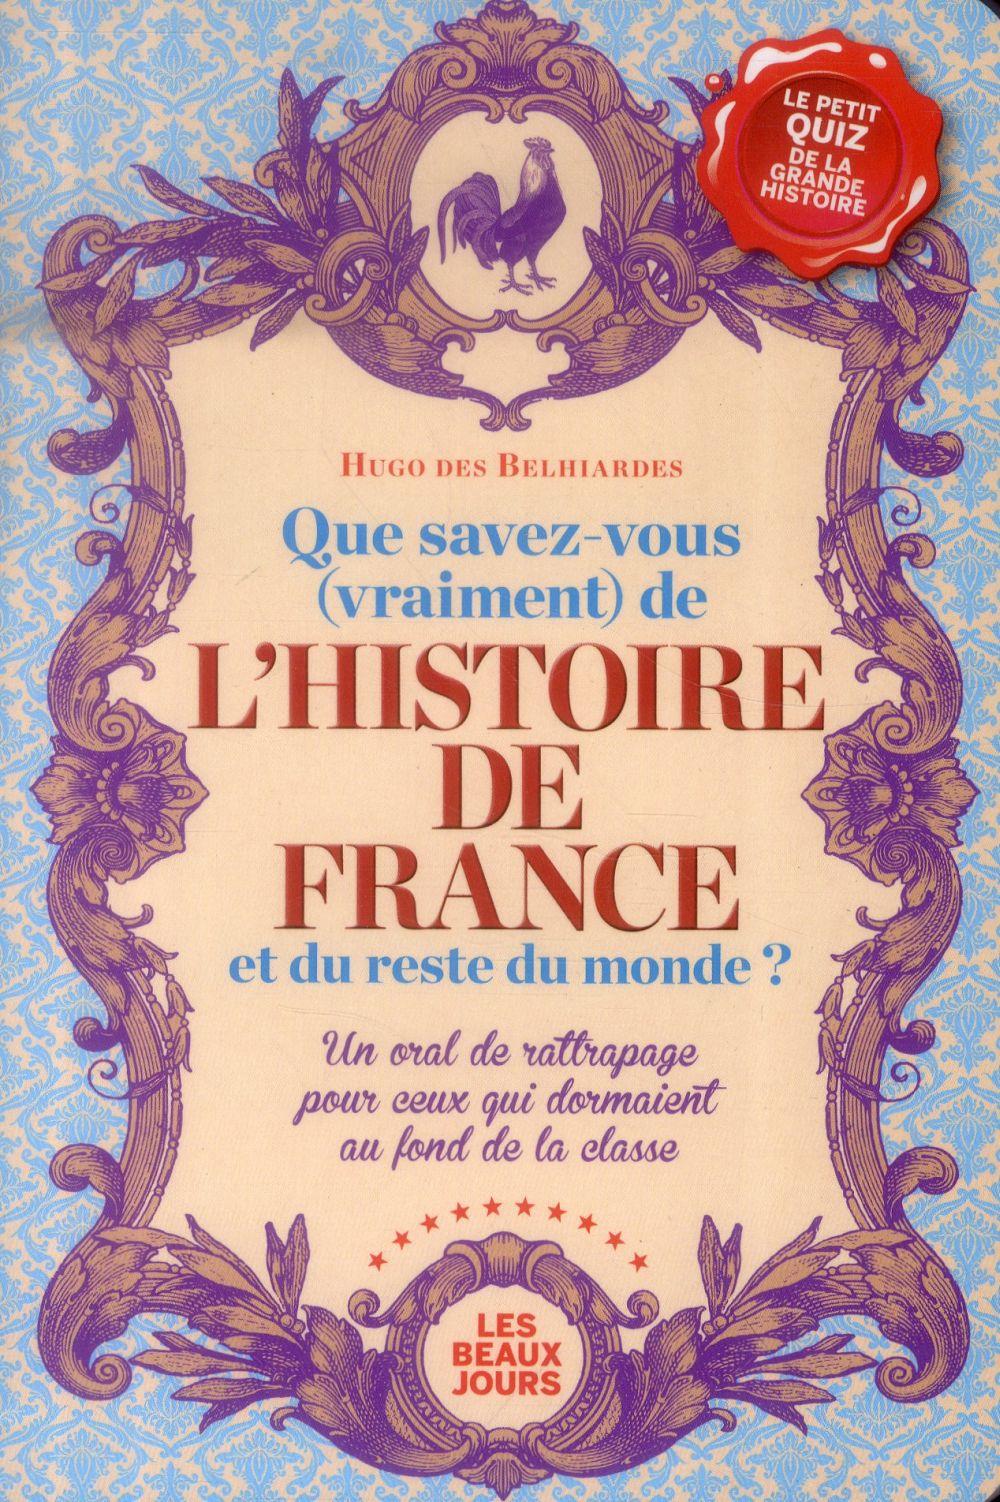 que savez-vous (vraiment) de l'histoire de France et du reste du monde ?